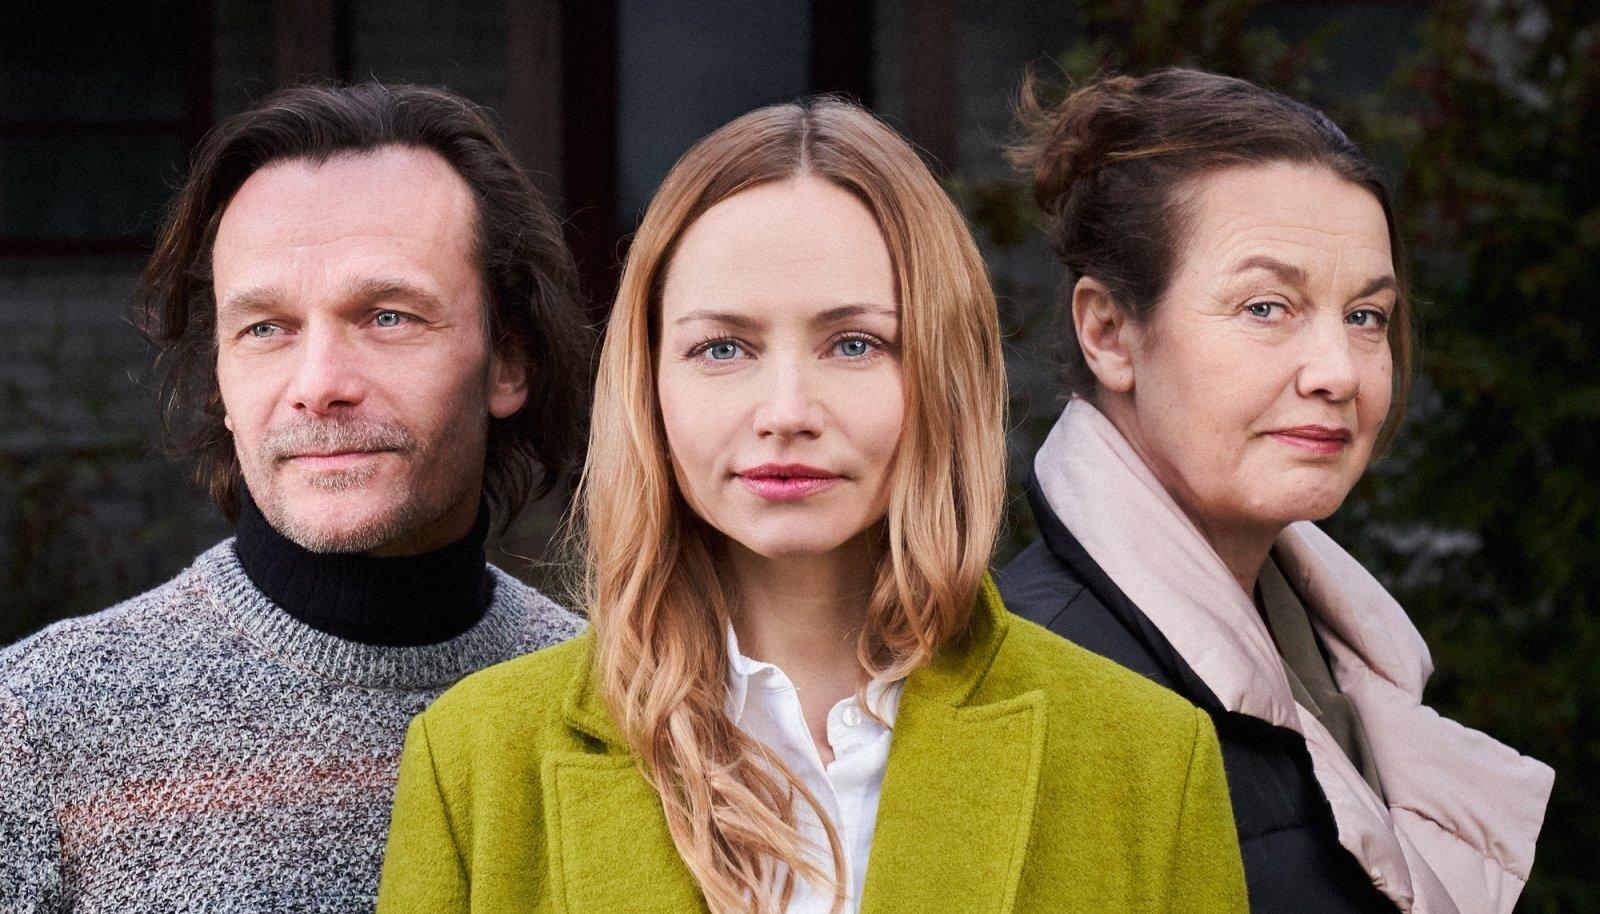 """Eksklusiivselt Huubis näidatud sarjas """"Valguses ja varjus"""" tegid suurepärased rollid tippnäitlejad Epp Eespäev ja Mirtel Pohla, kes EFTA žüriilt ka teenitud kummarduse said."""